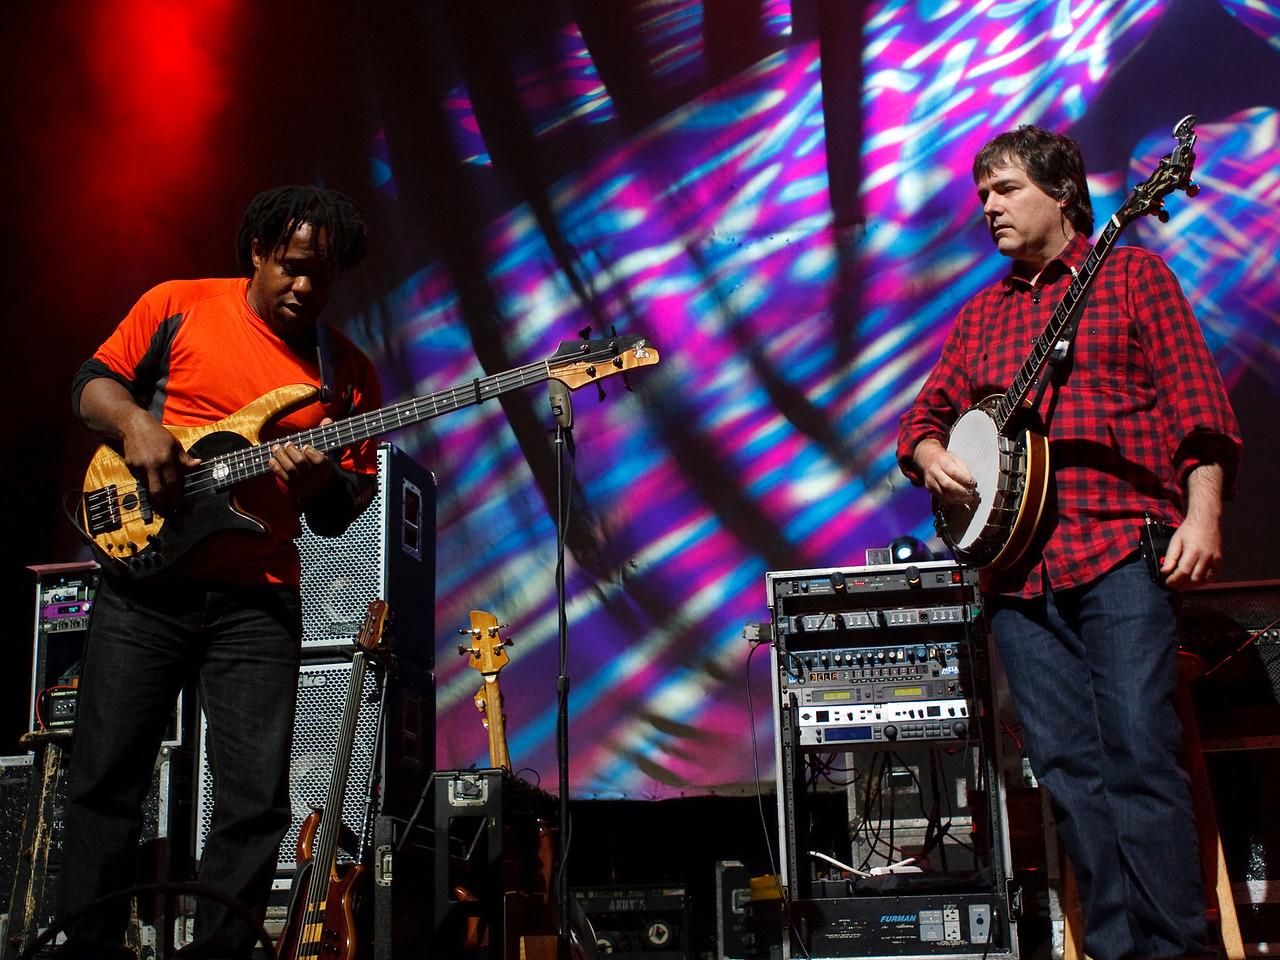 Victor Wooten & Béla Fleck - Chicago 2009